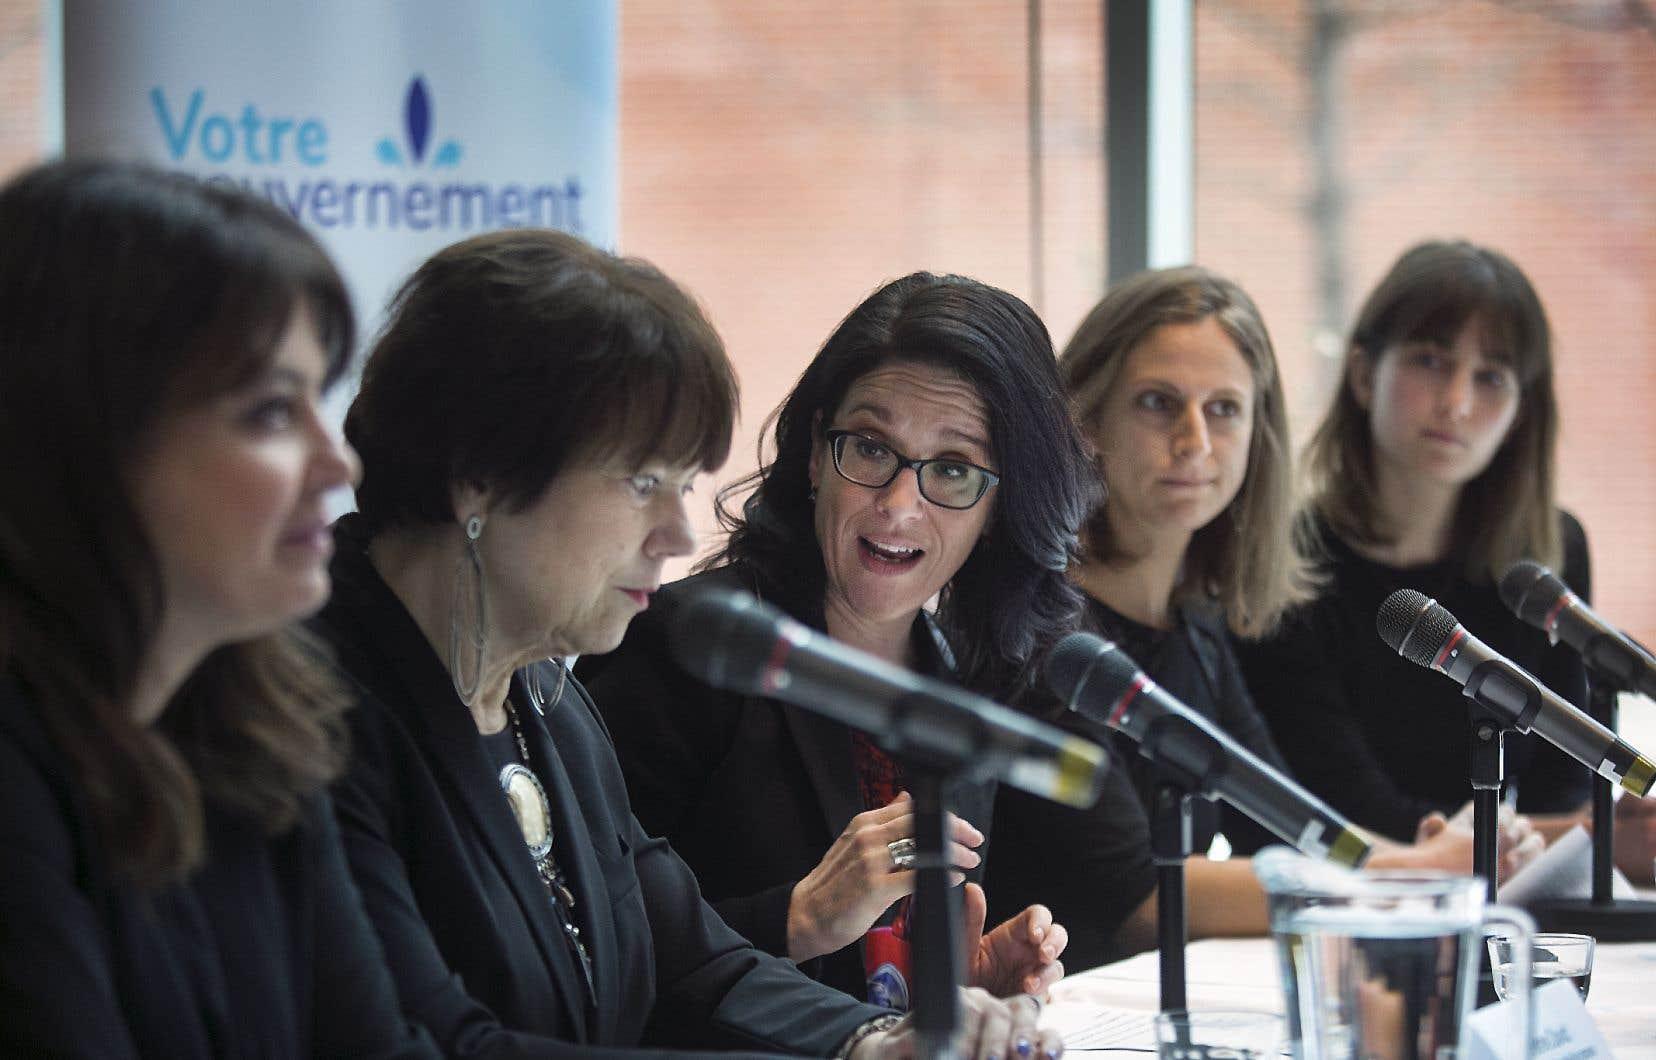 L'annonce a été faite lundi par la ministre de la Justice, Sonia LeBel, en compagnie de l'élue péquiste Véronique Hivon, de la libérale Hélène David et de la solidaire Christine Labrie.